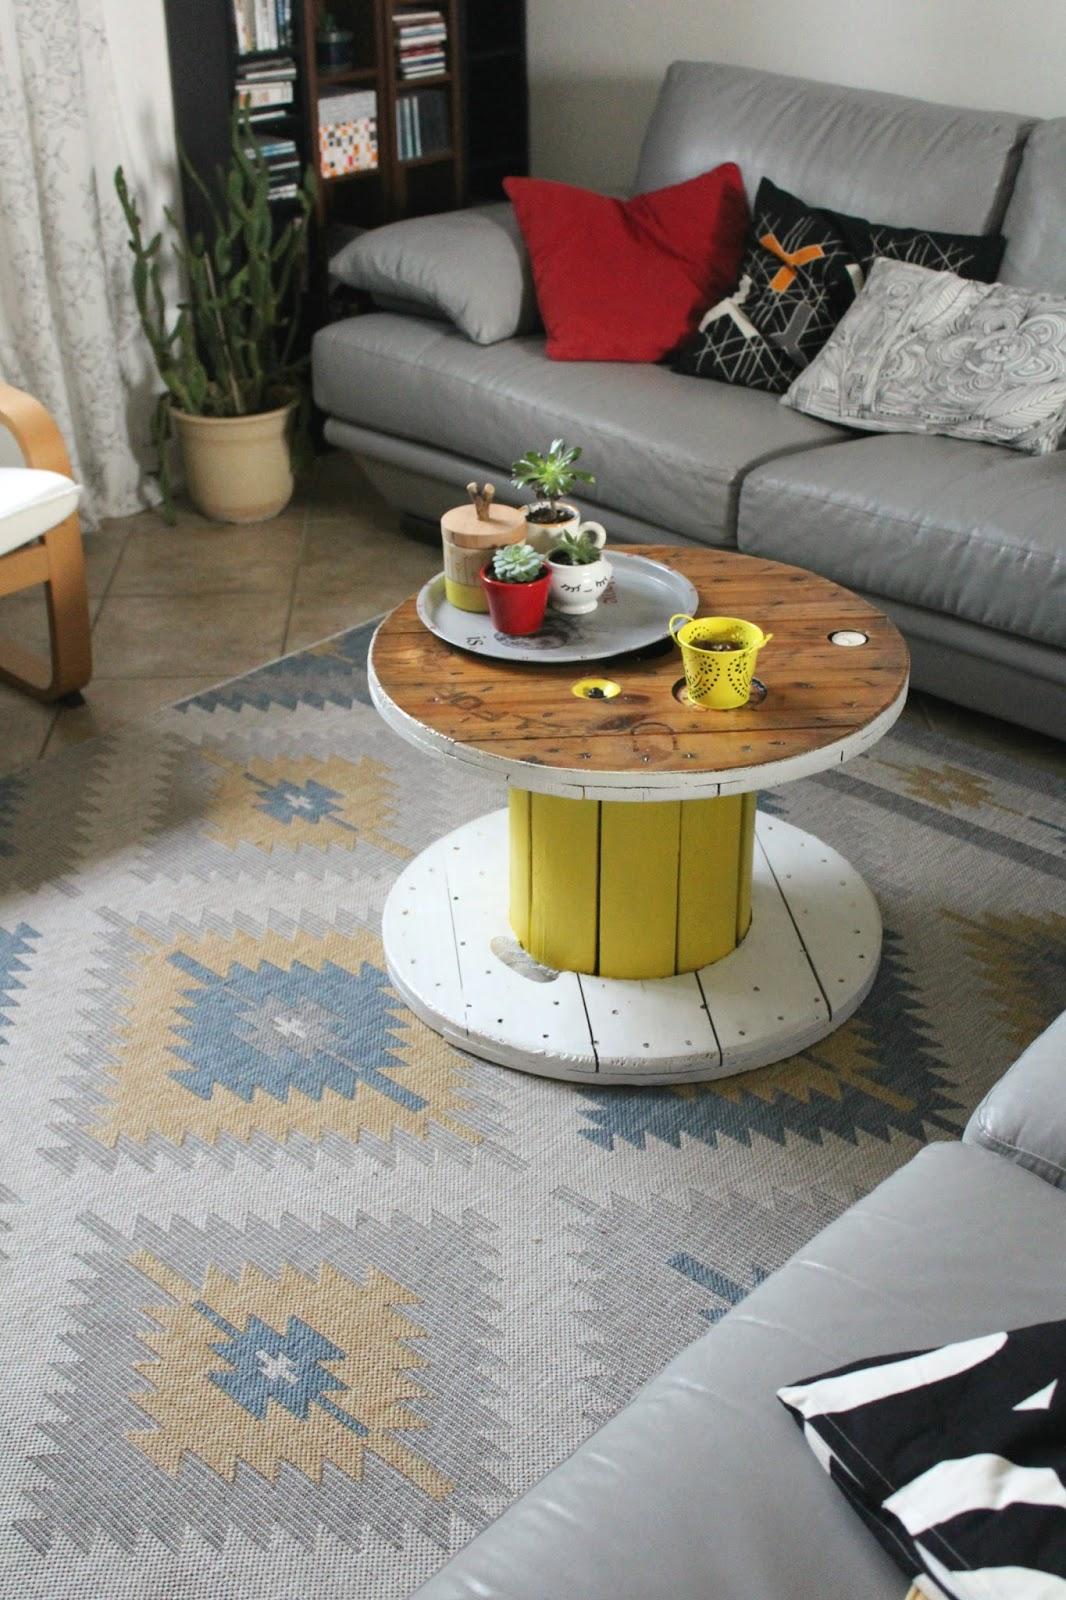 vivere a piedi nudi living barefoot tappeto kilim sei mio. Black Bedroom Furniture Sets. Home Design Ideas